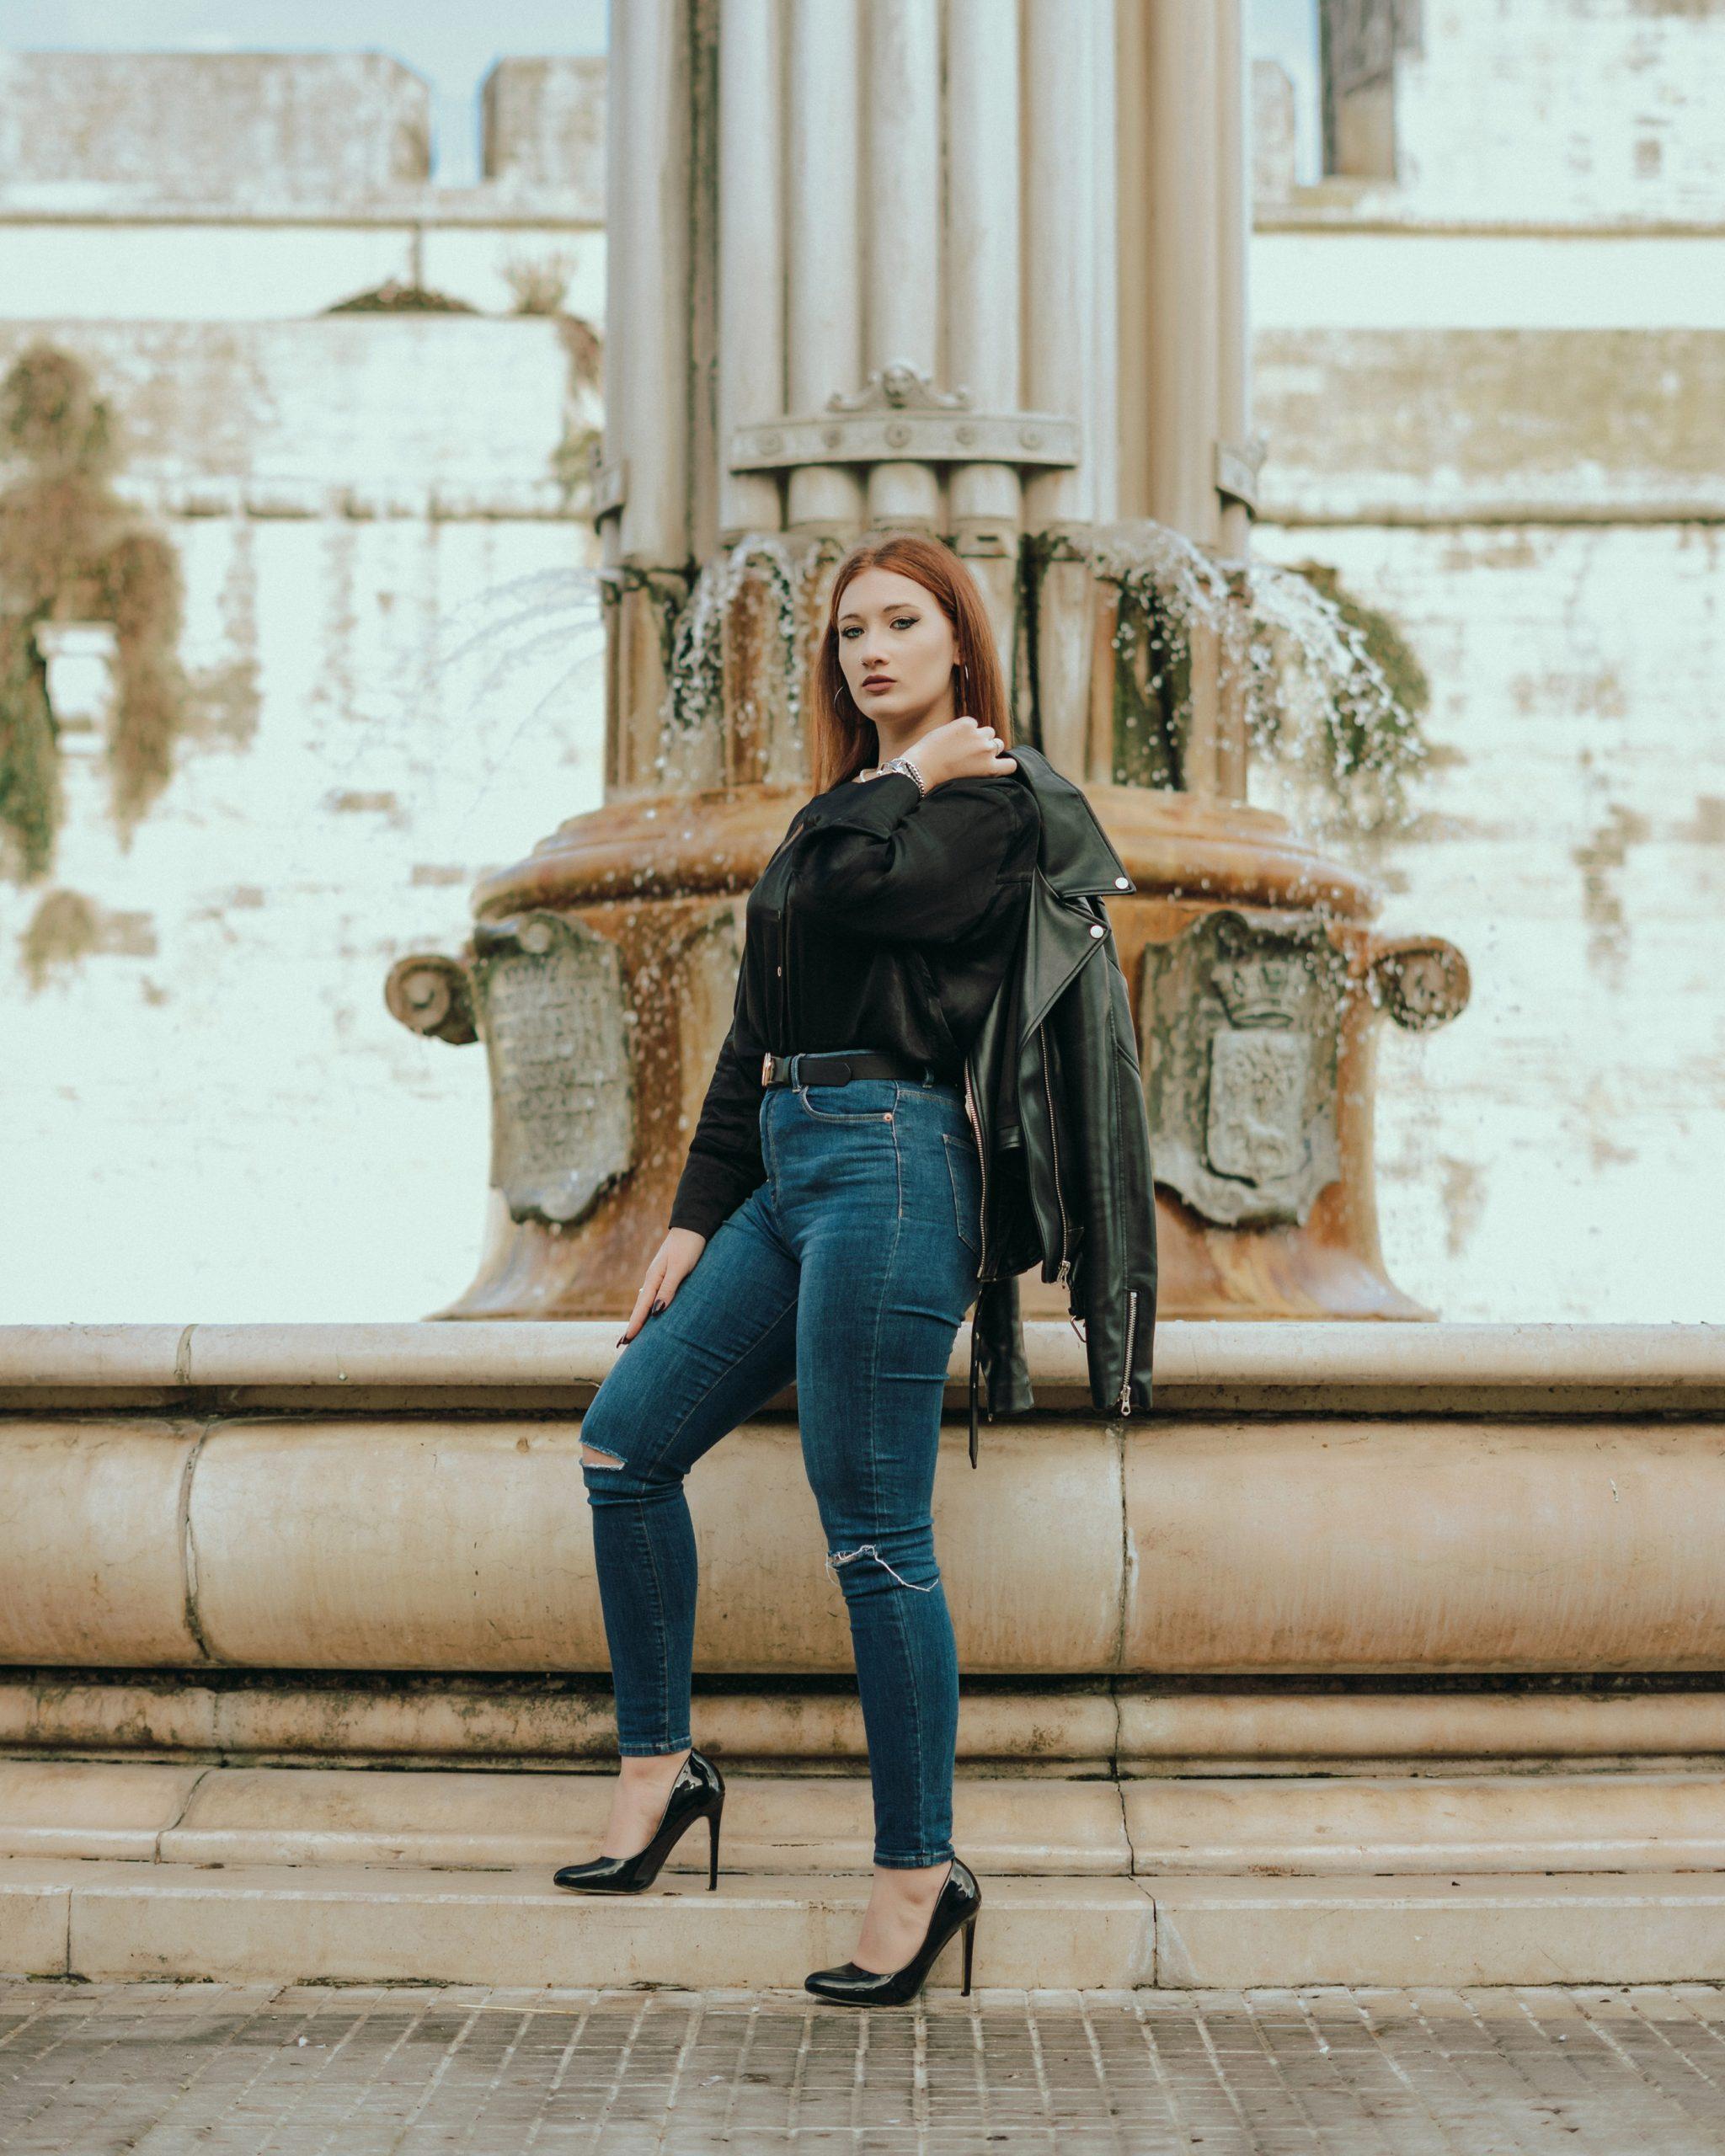 Categorie: Fashion, Portrait, Street - Phr: ANDREA MAGGIO - Model: Annalaura Gaetani - Location: Lecce, Italy